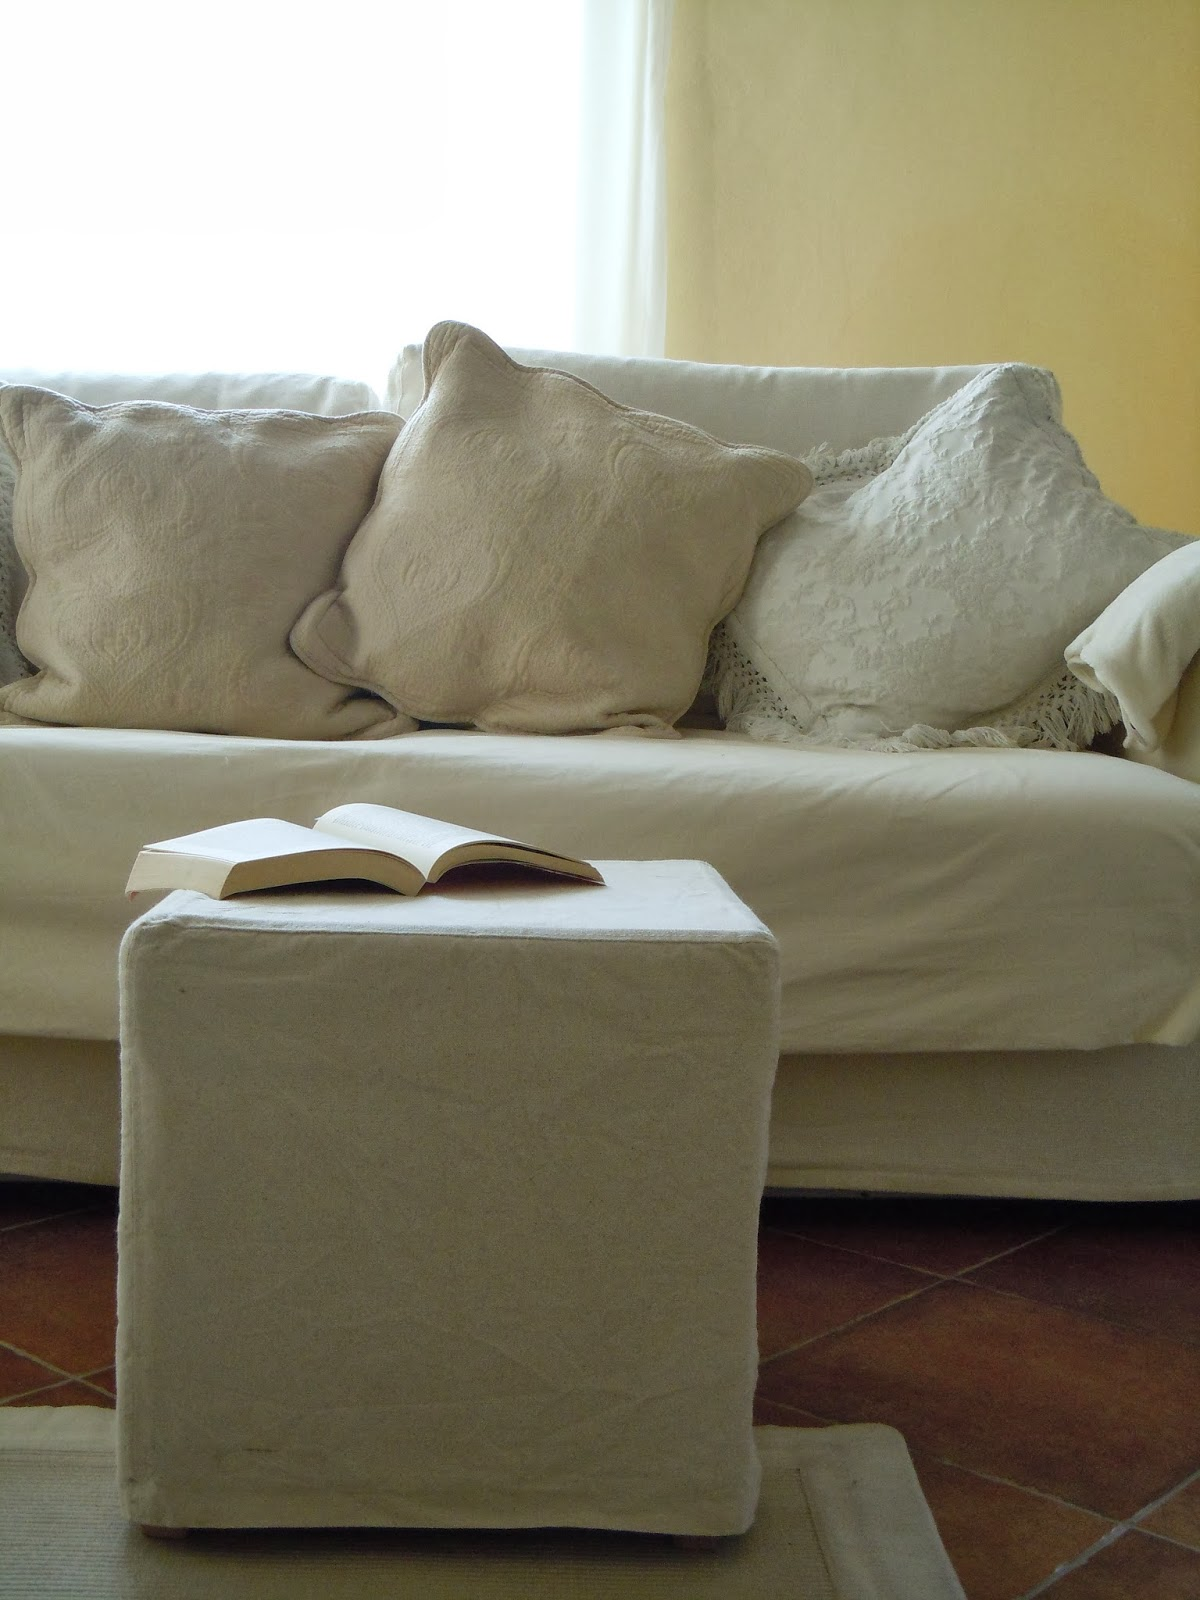 Le idee migliori mi vengono di notte pouf ikea before - Ikea pouf contenitore ...